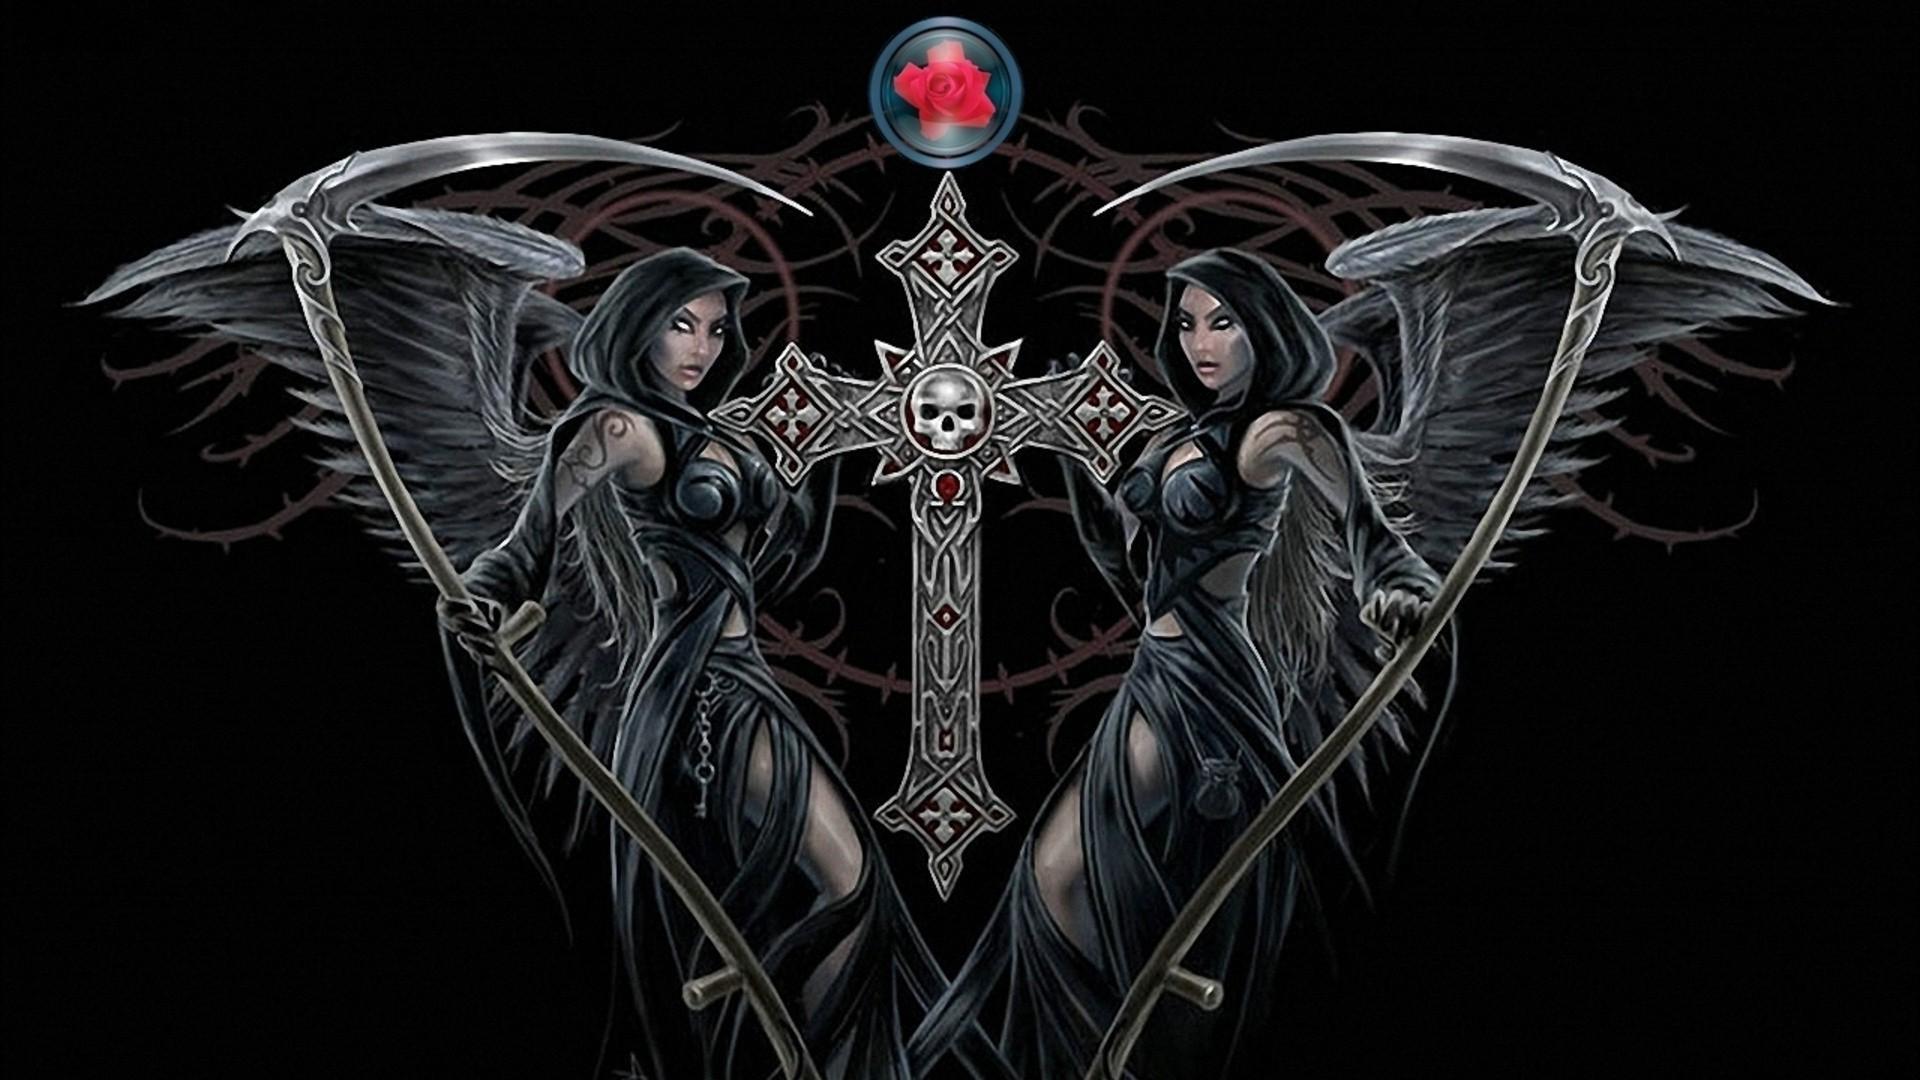 Обои на рабочий стол черный ангел